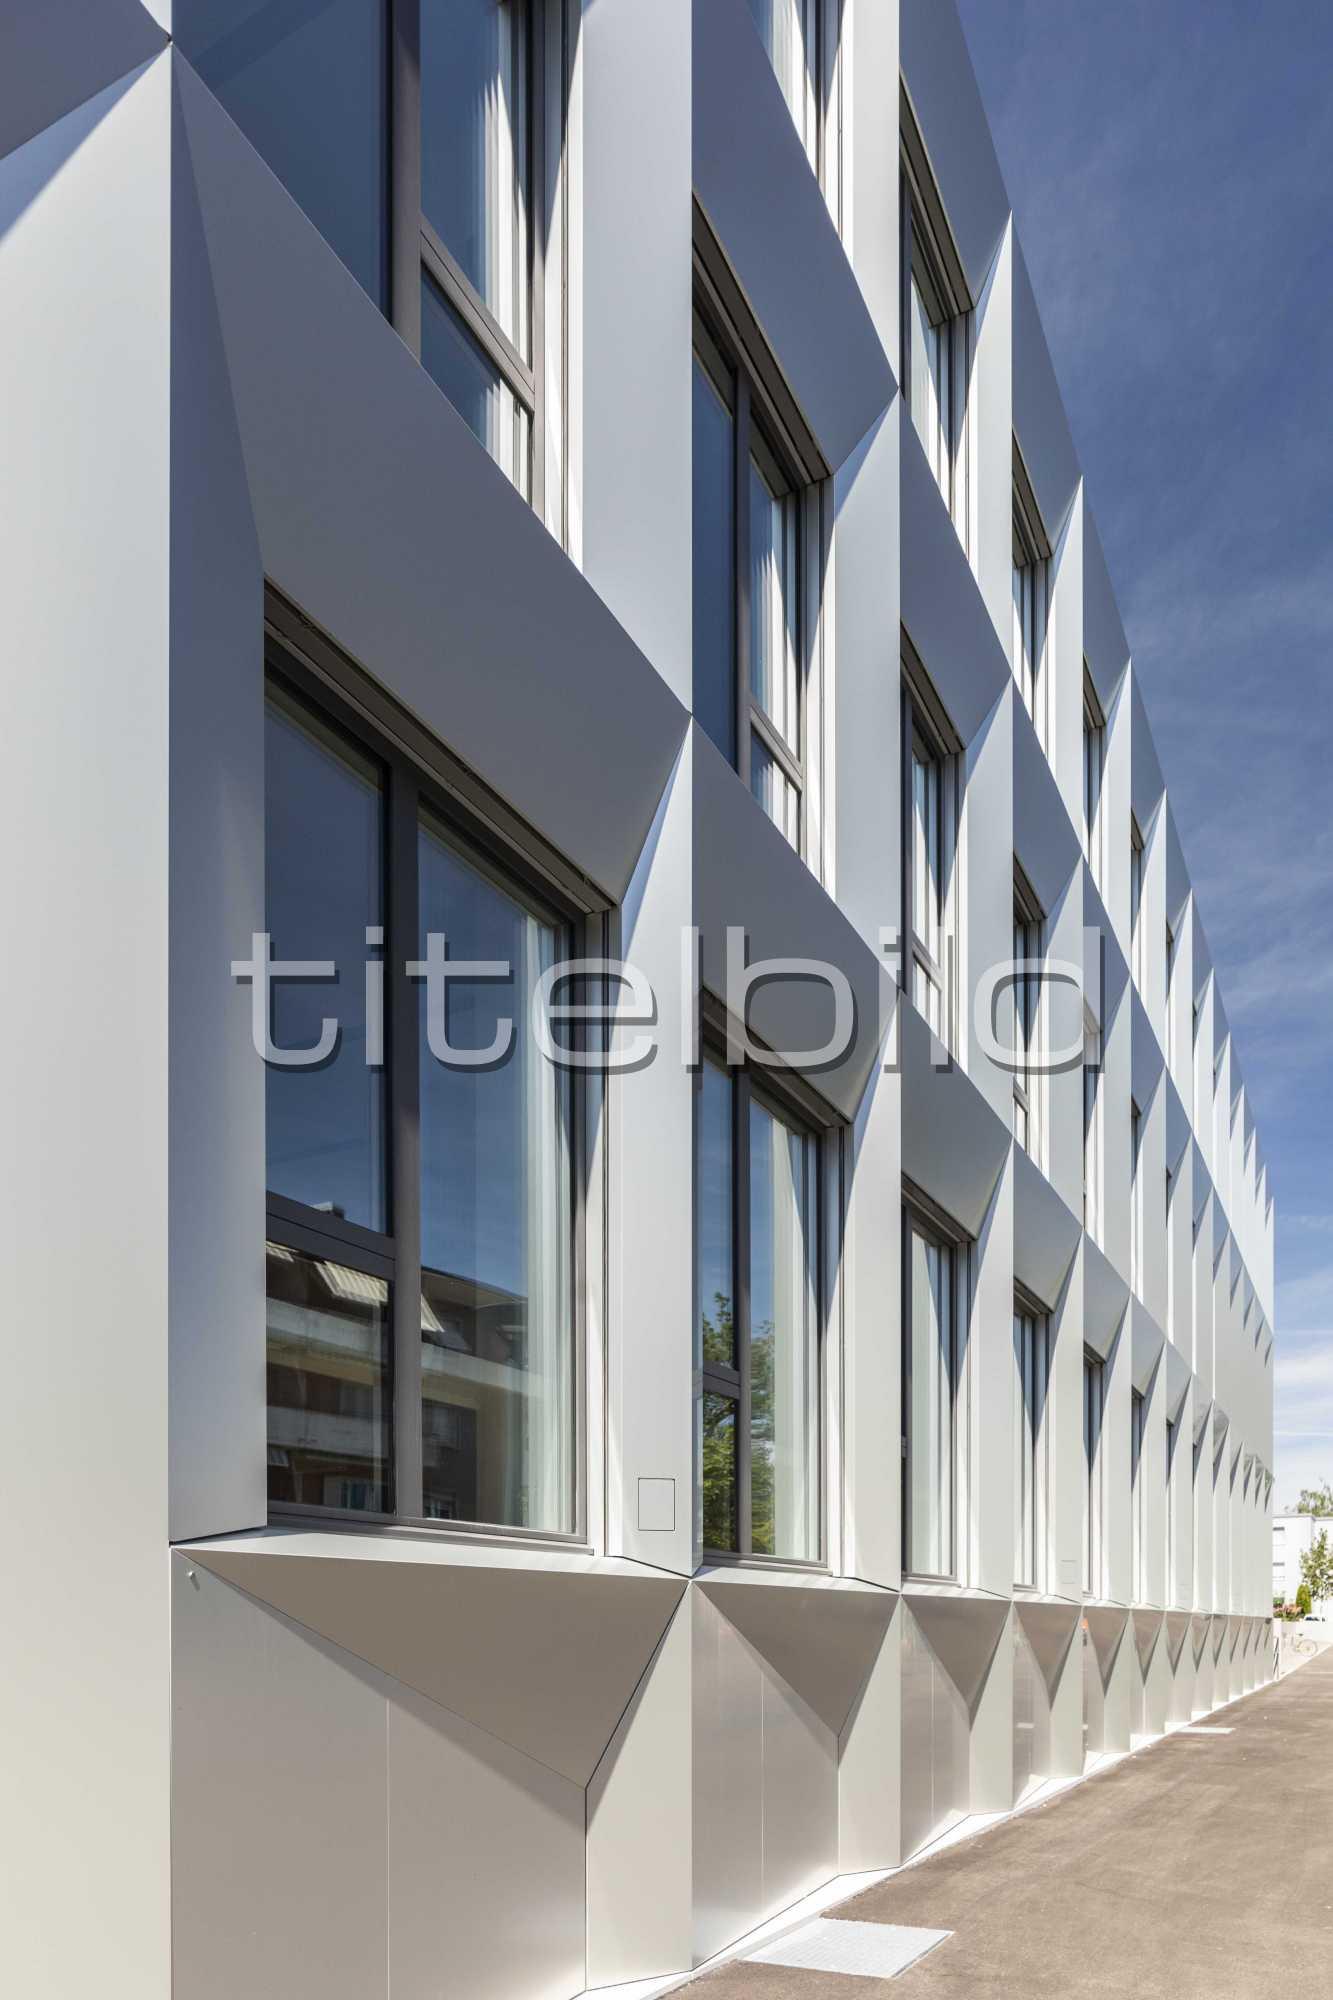 Projektbild-Nr. 7: BZU Bildungszentrum